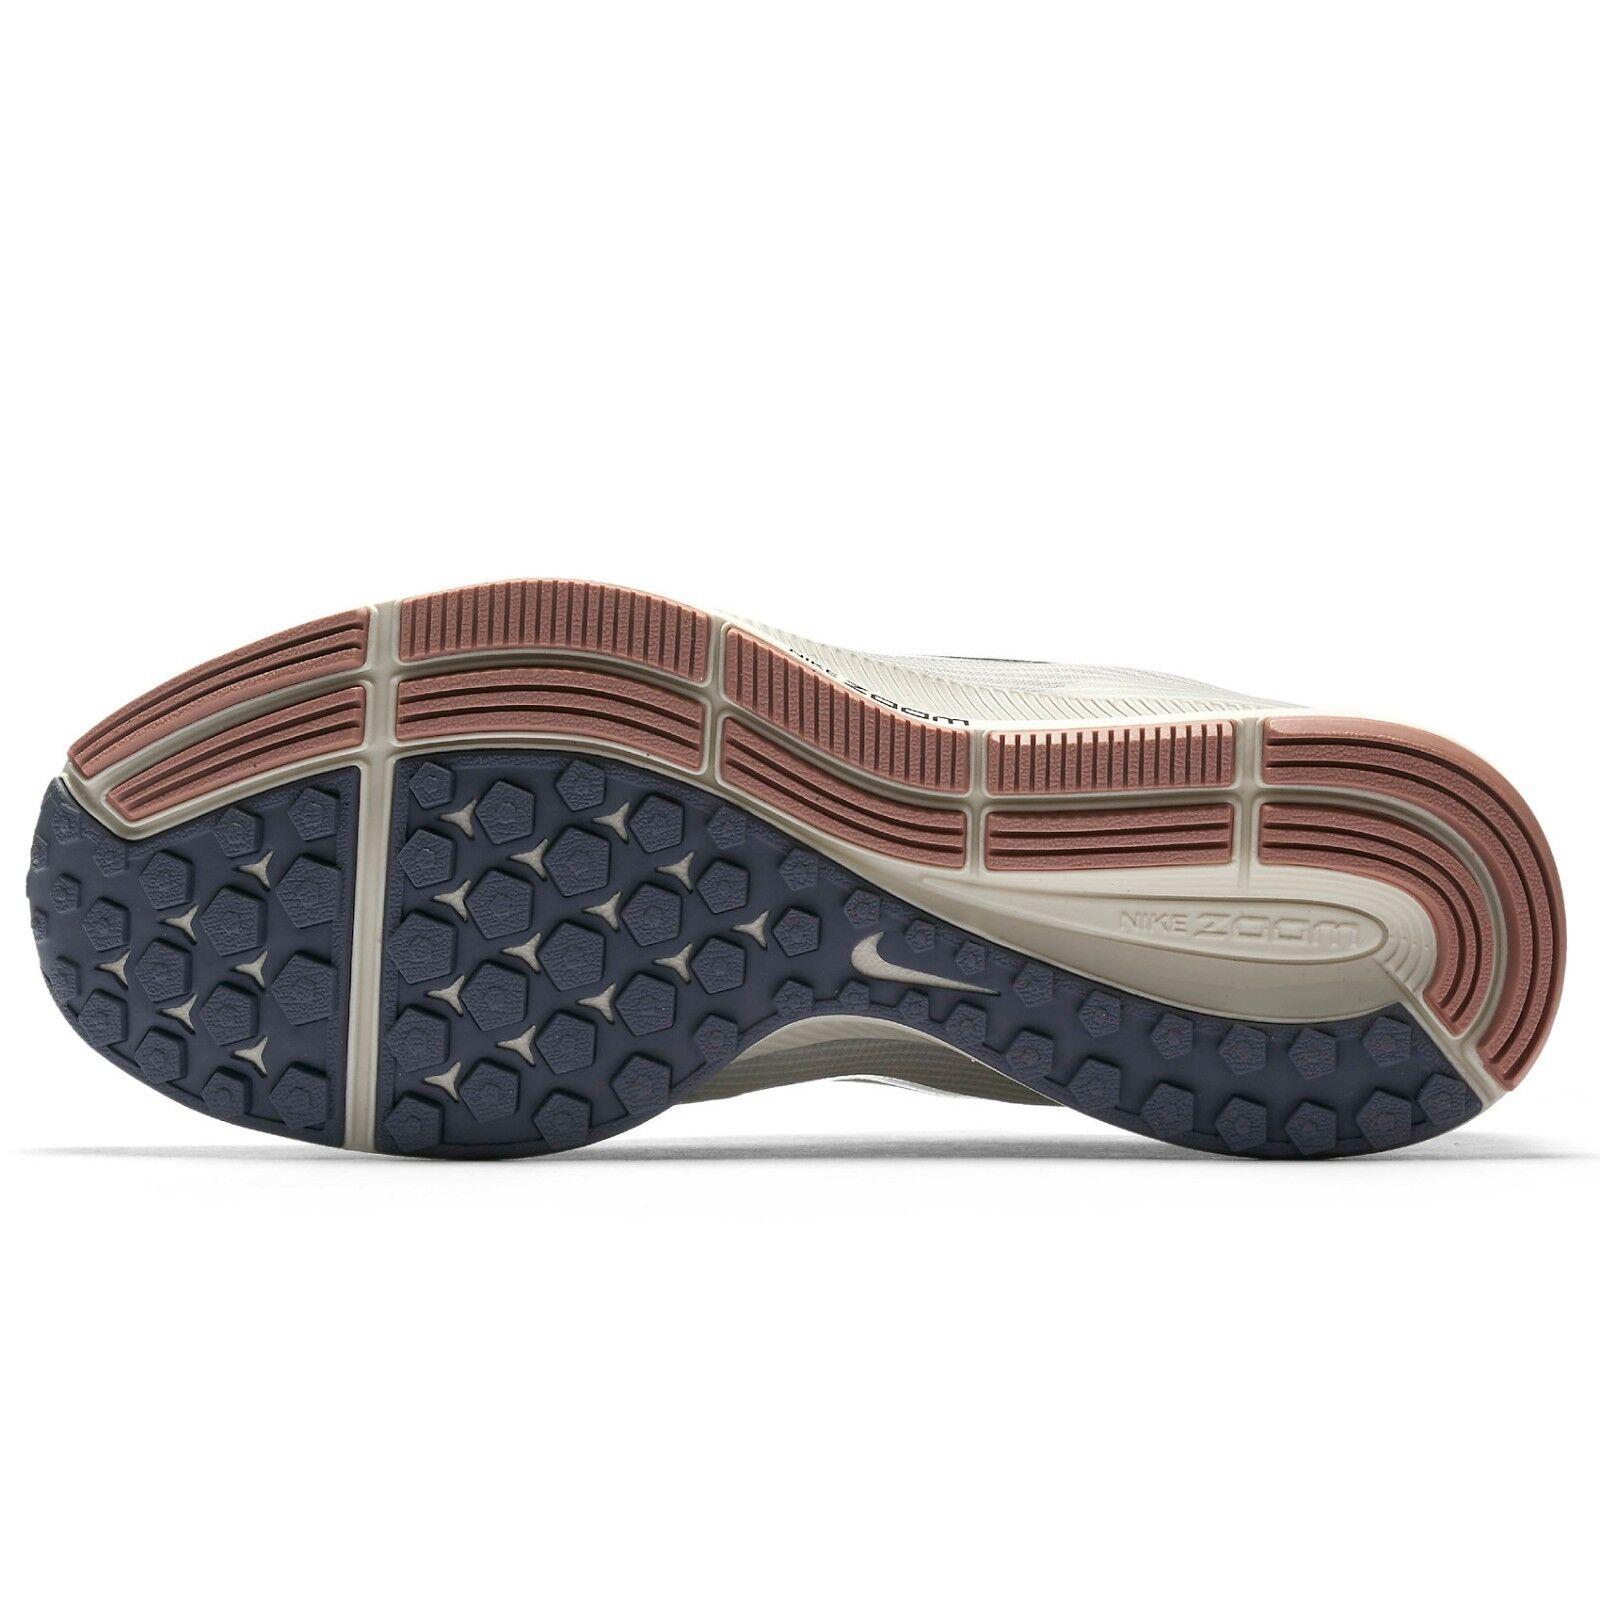 Nike WMNS Air Zoom Pegasus Pegasus Pegasus 34 880560-004 Light Bone Pale Grey Sail Running shoes 11c519